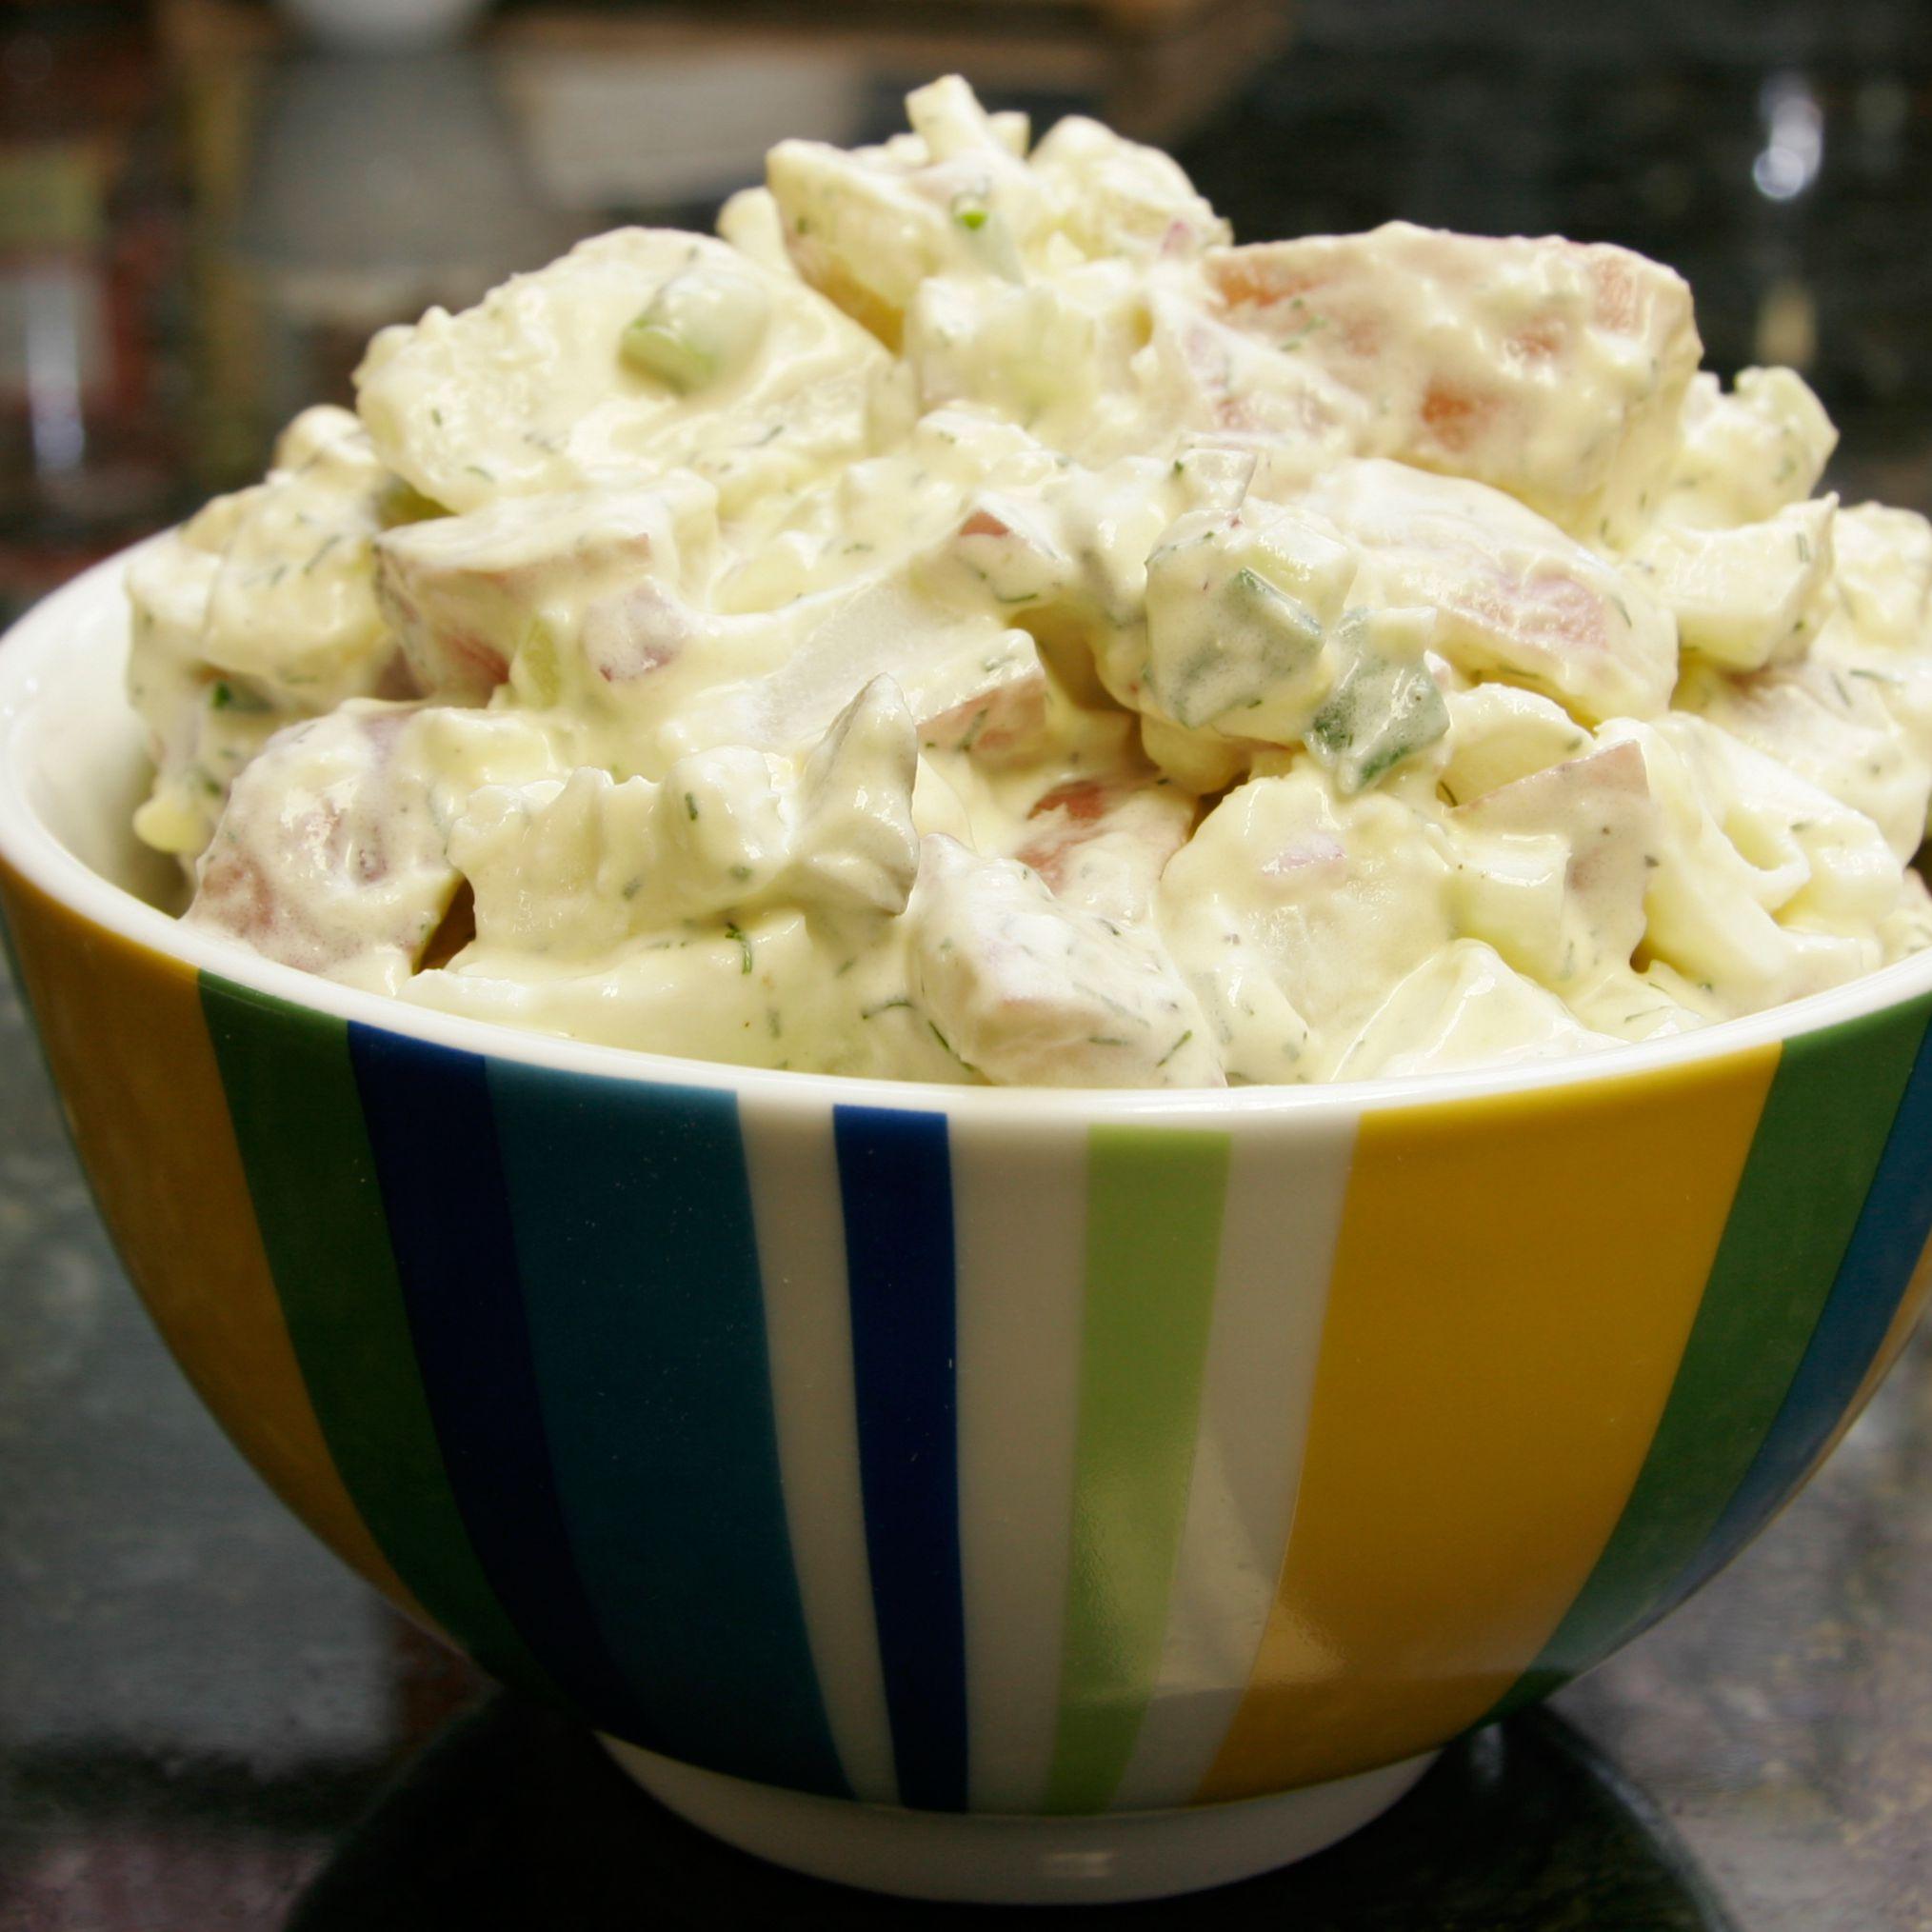 Sour Cream Potato And Egg Salad Recipe